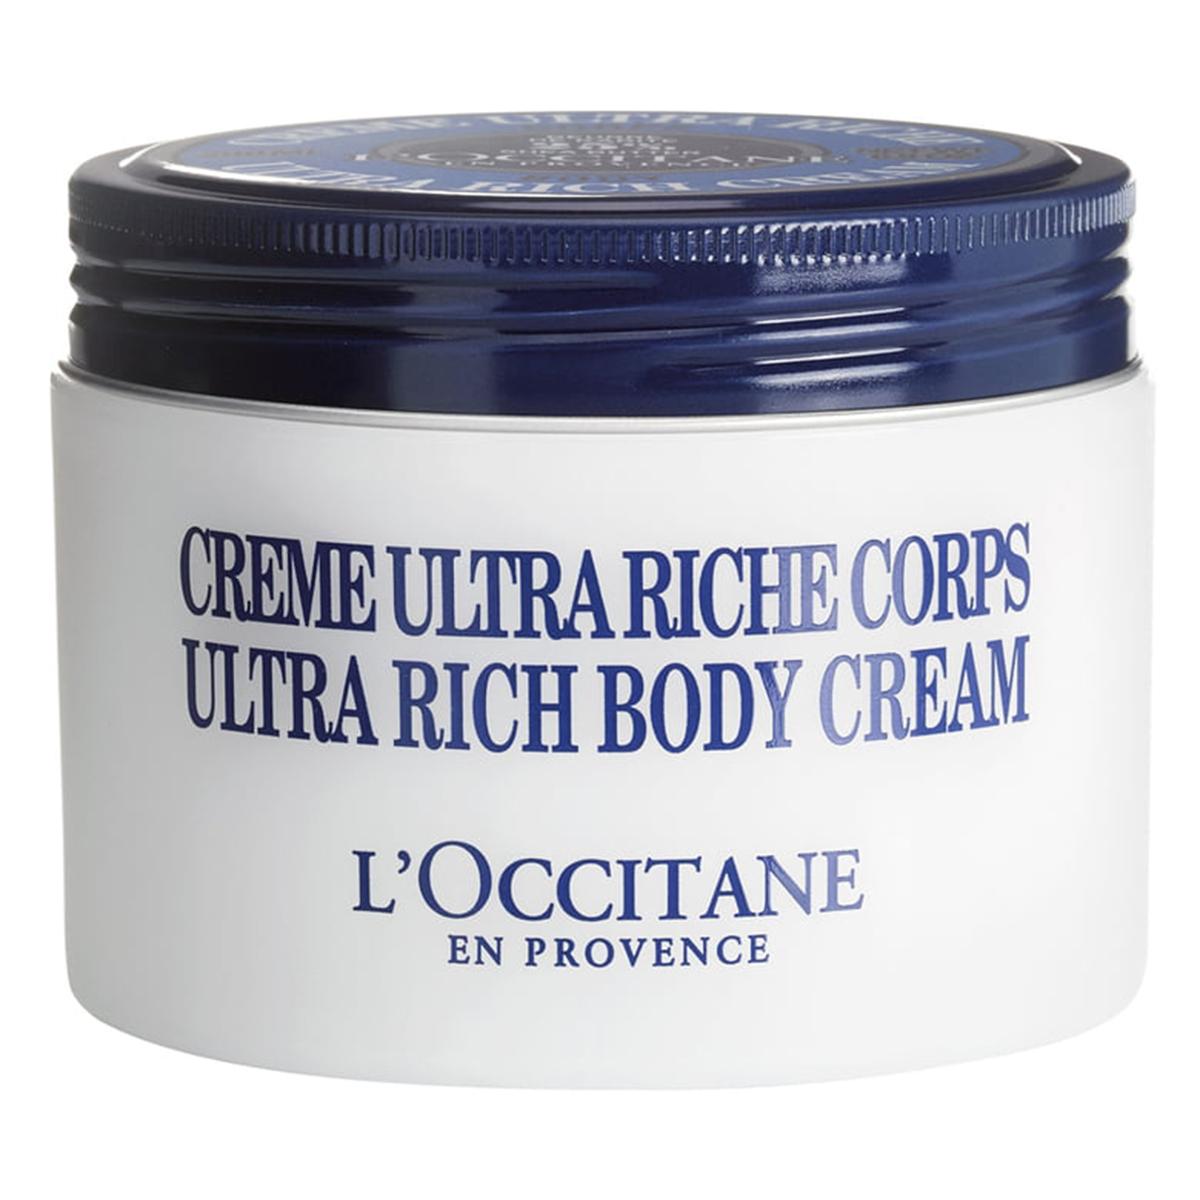 LOccitane Cream